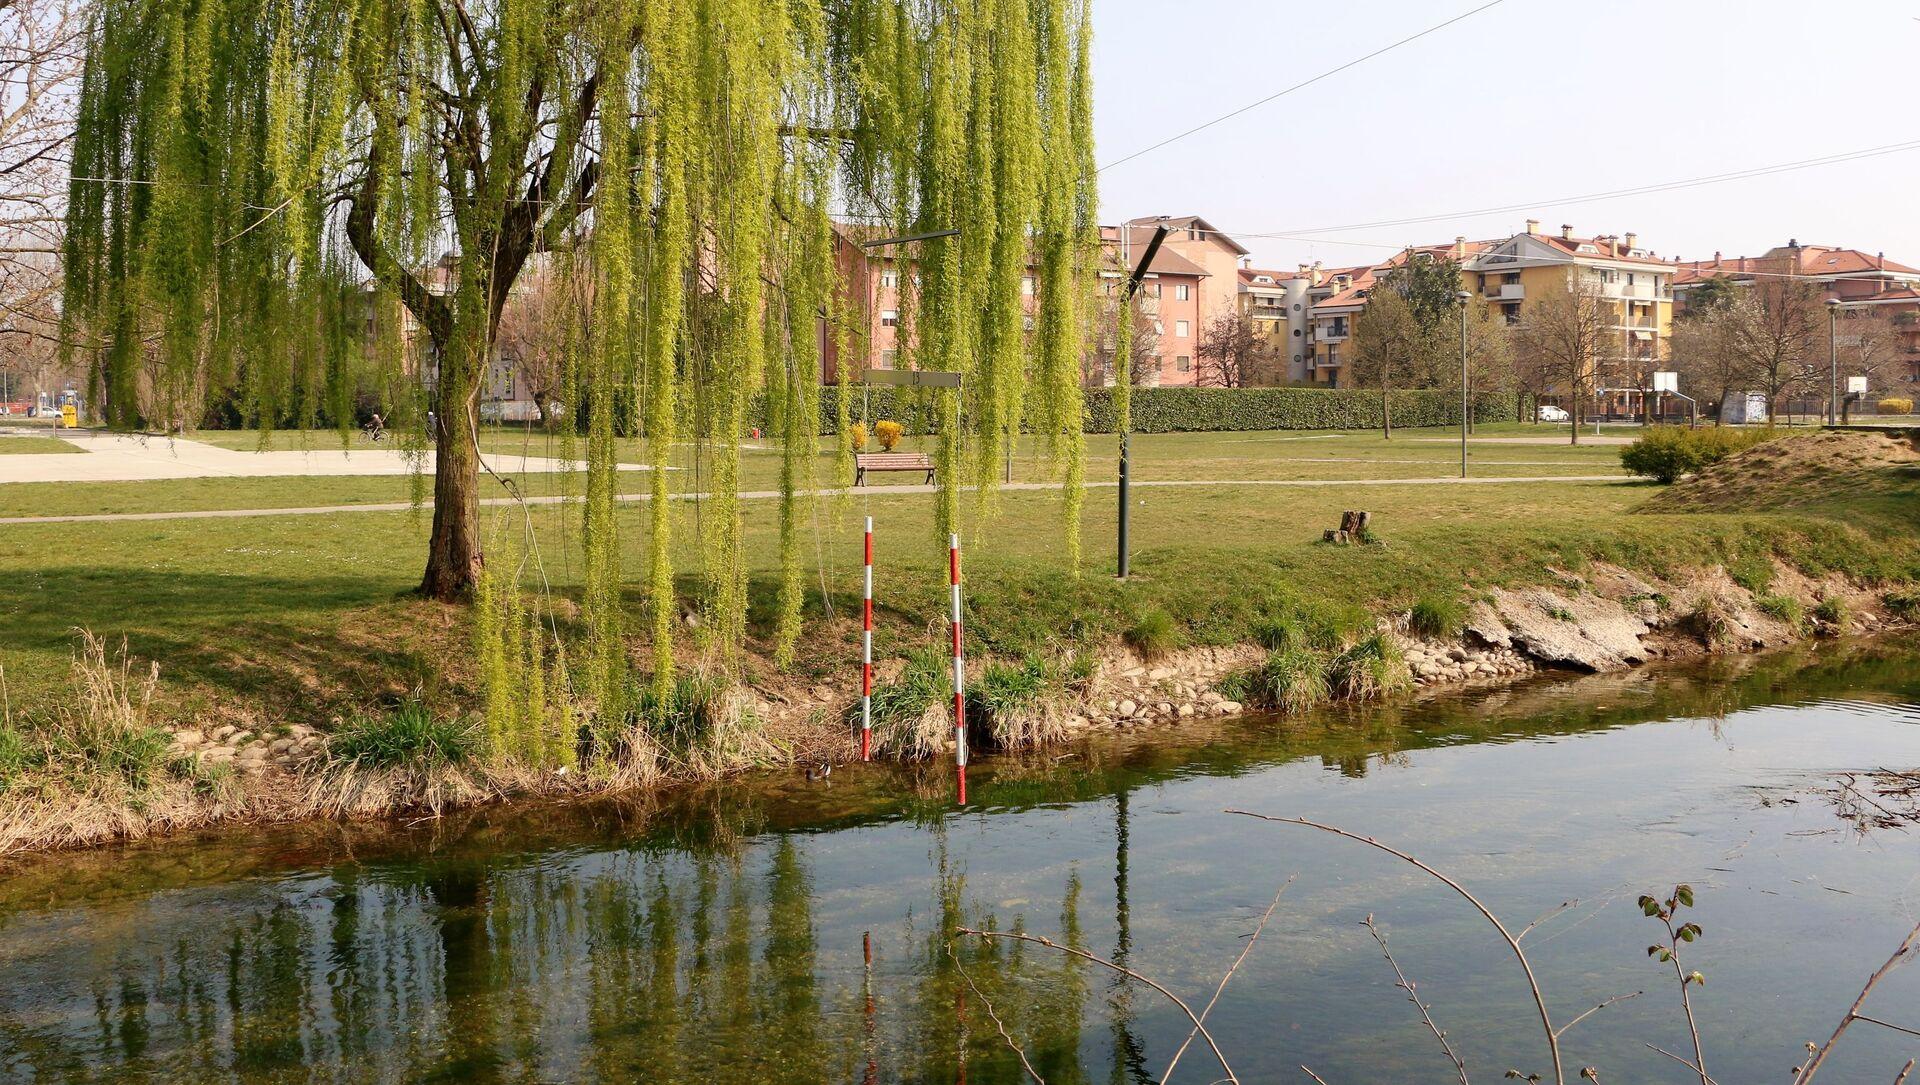 Un albero e un laghetto in un parco - Sputnik Italia, 1920, 14.04.2021